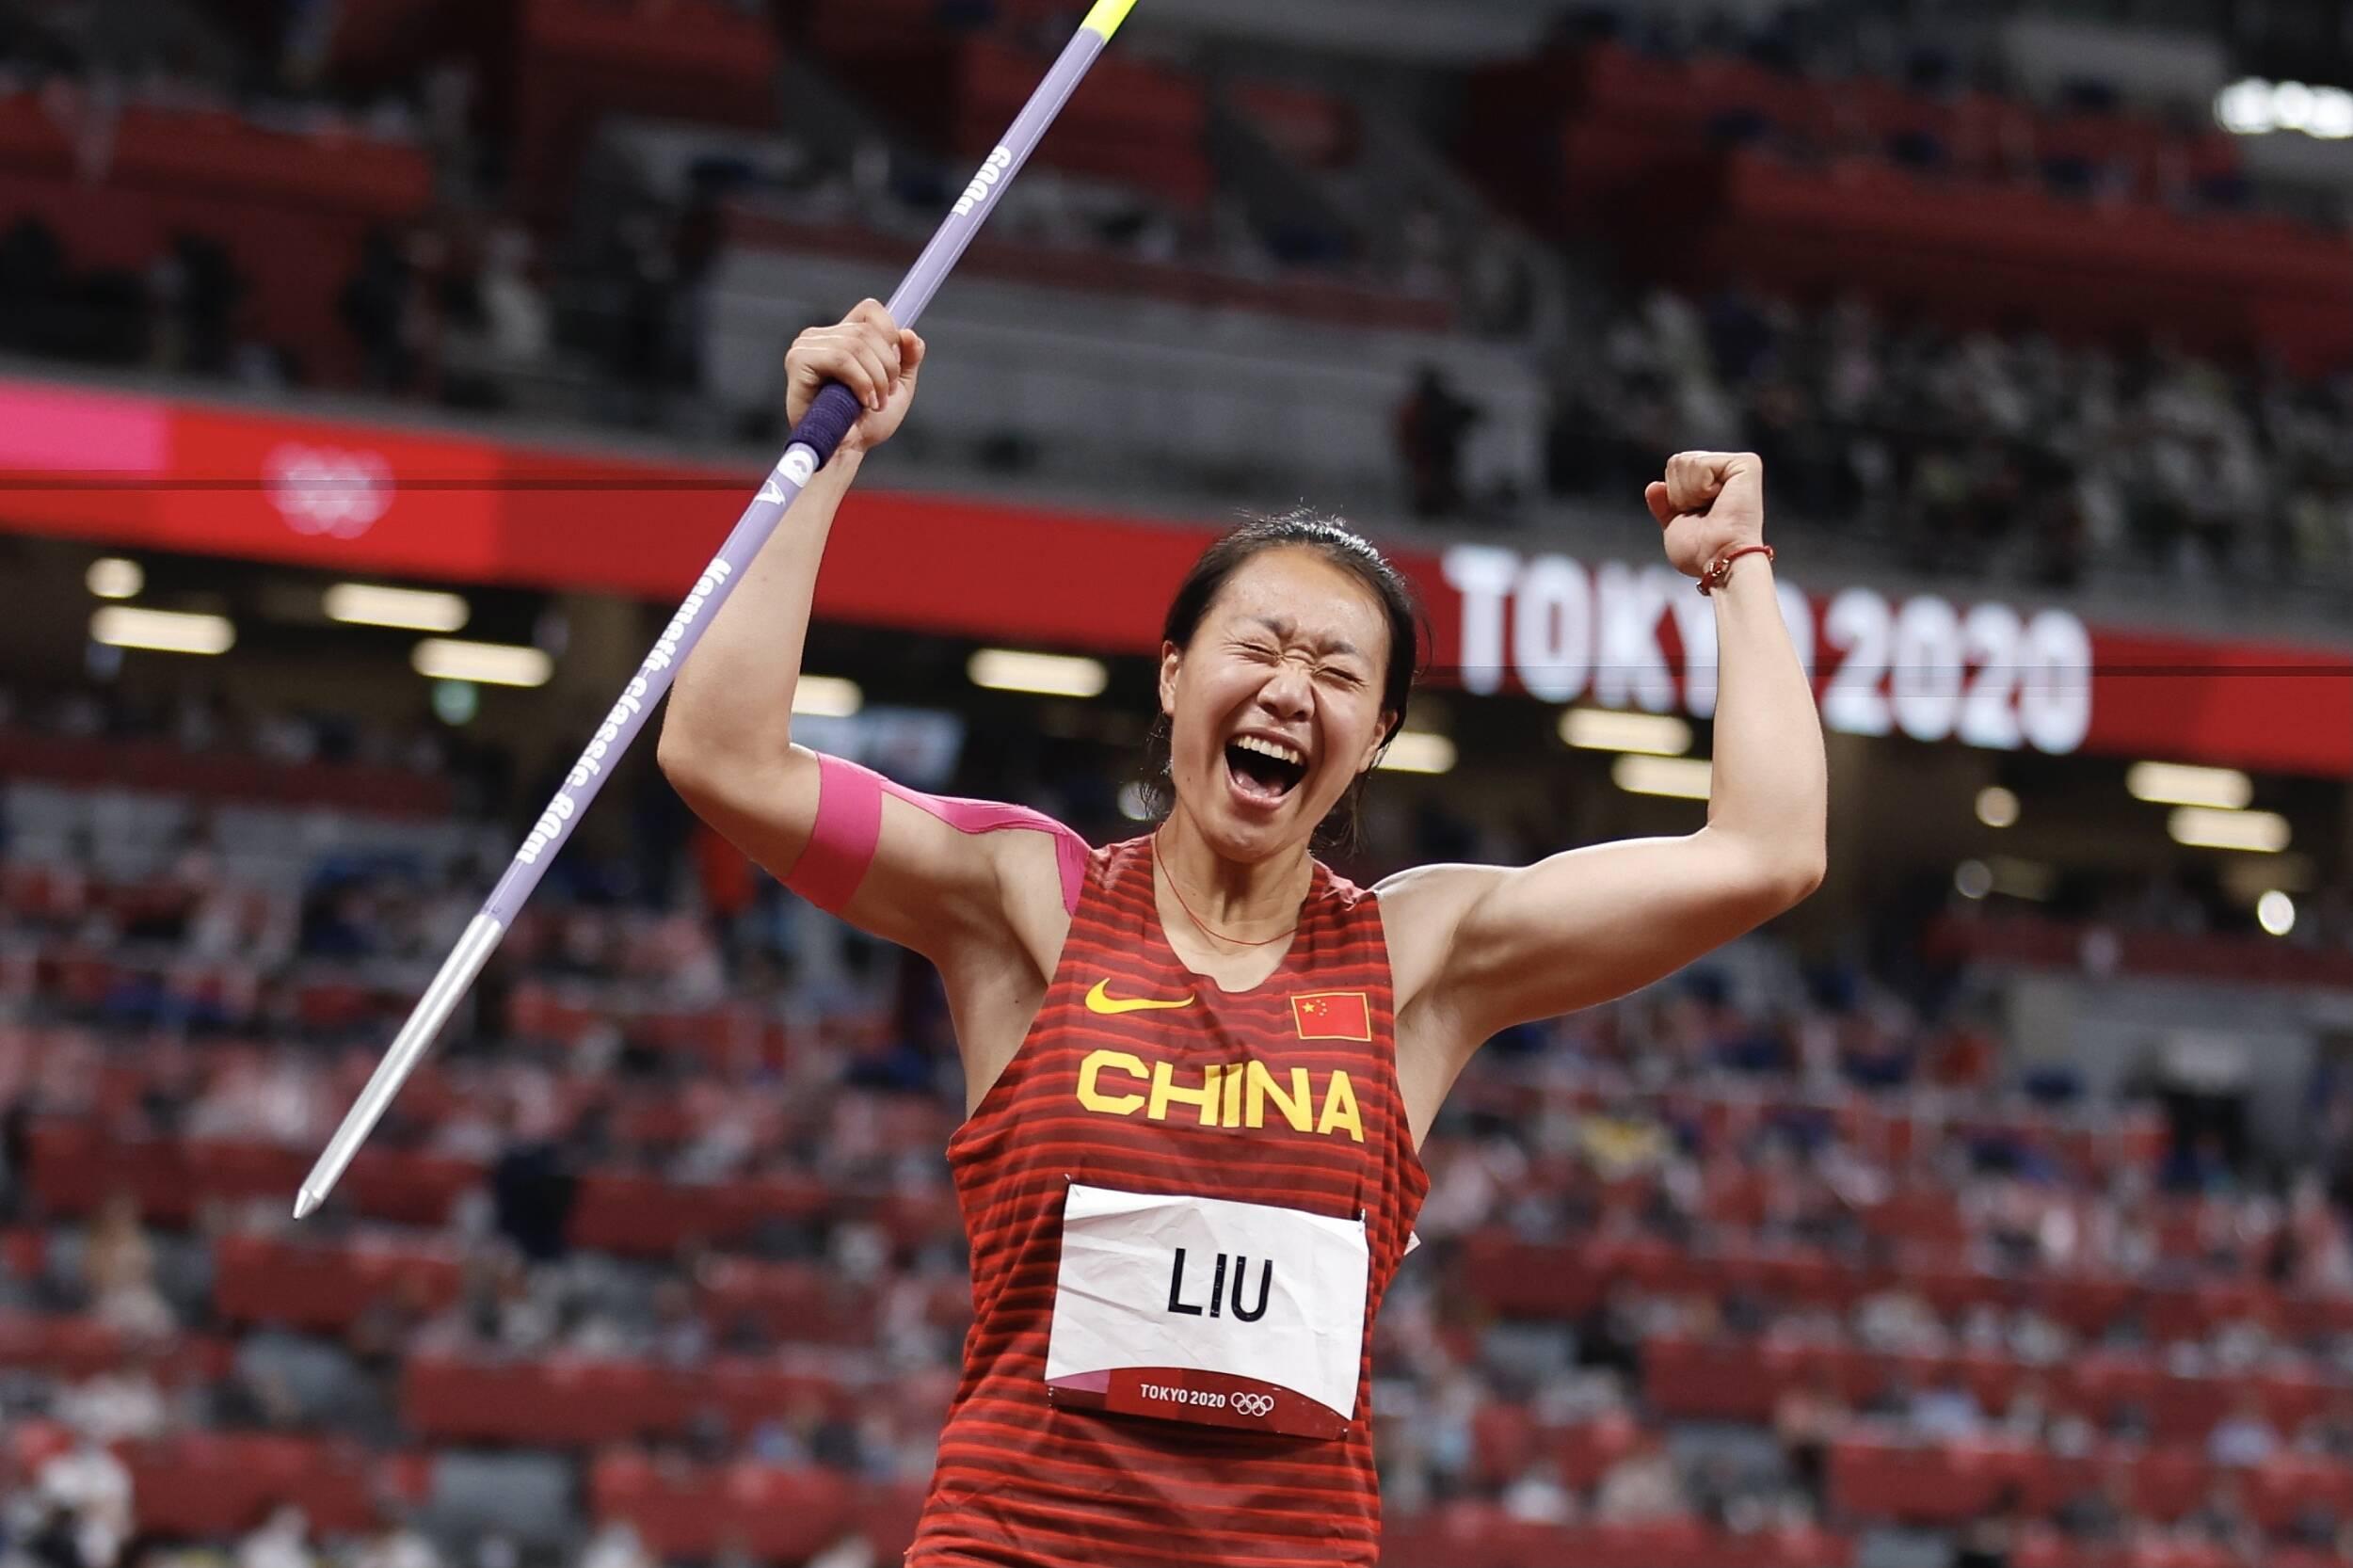 《奥运冠军·荣耀》丨中国投掷奥运勇夺两金扬威名 几代人点亮标枪大国梦想